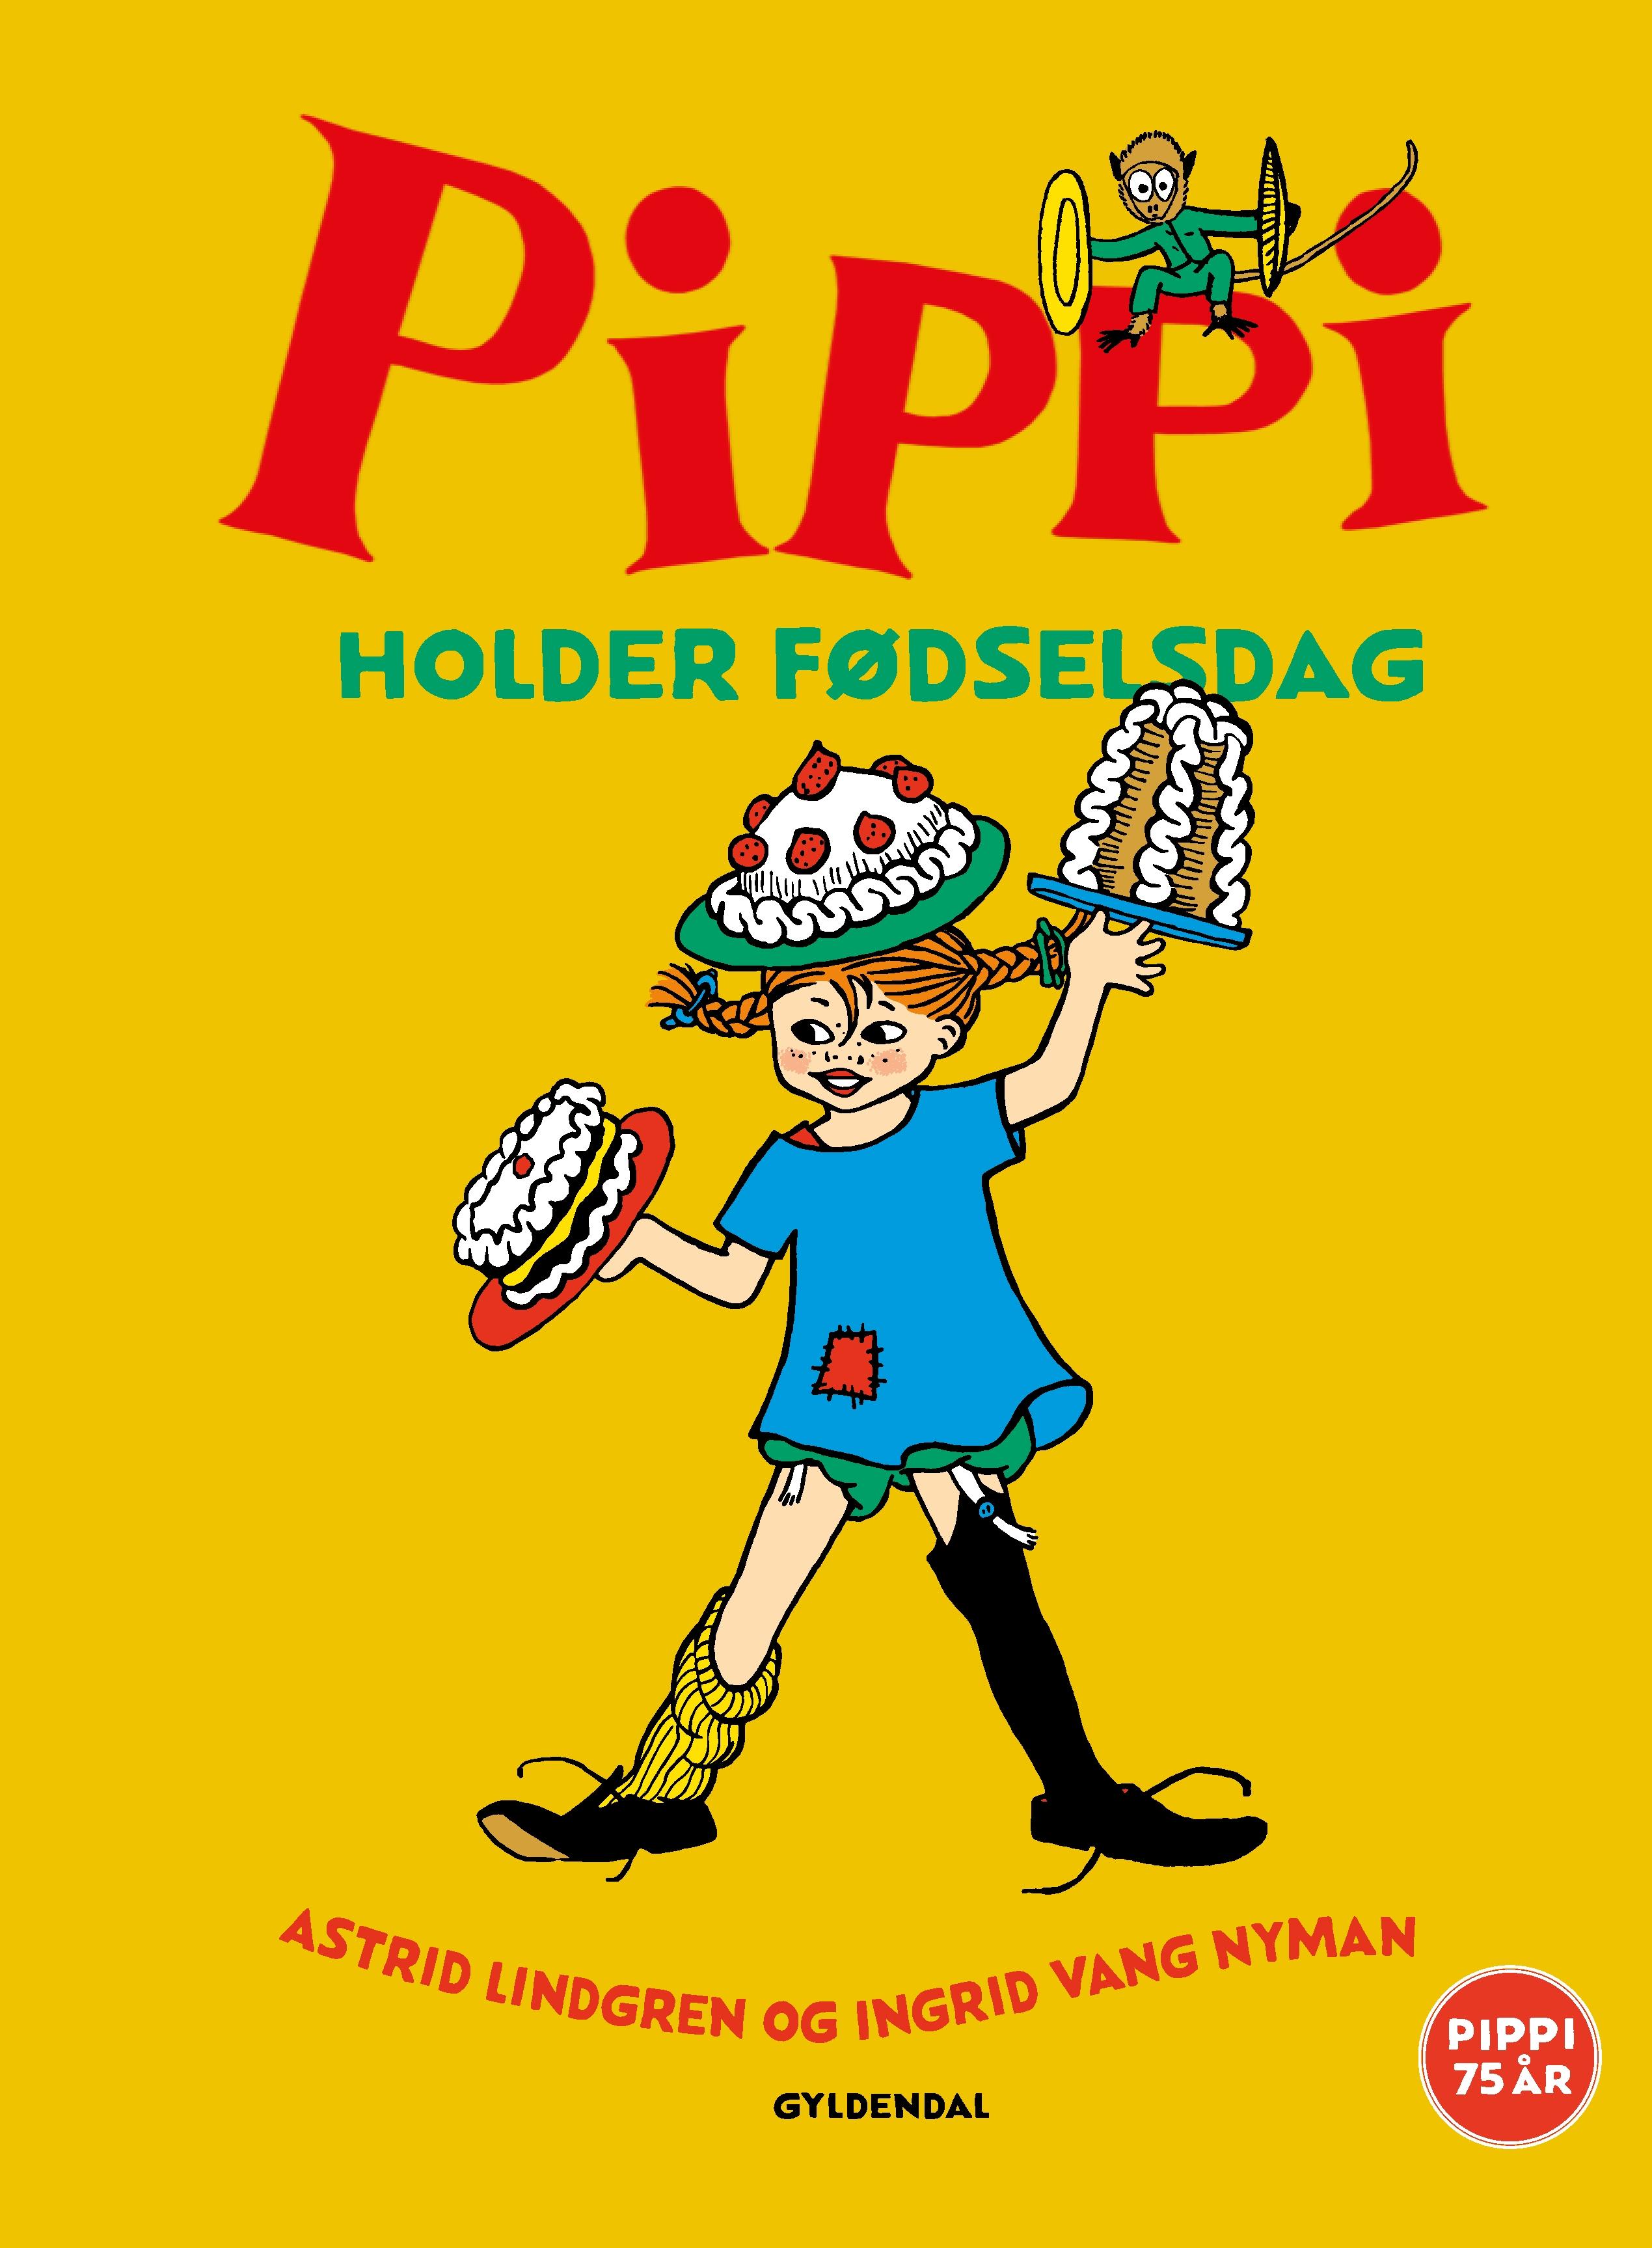 Pippi Langstrømpe - Billedbøger: Pippi holder fødselsdag - Astrid Lindgren - Bøger - Gyldendal - 9788702296631 - 14/5-2020